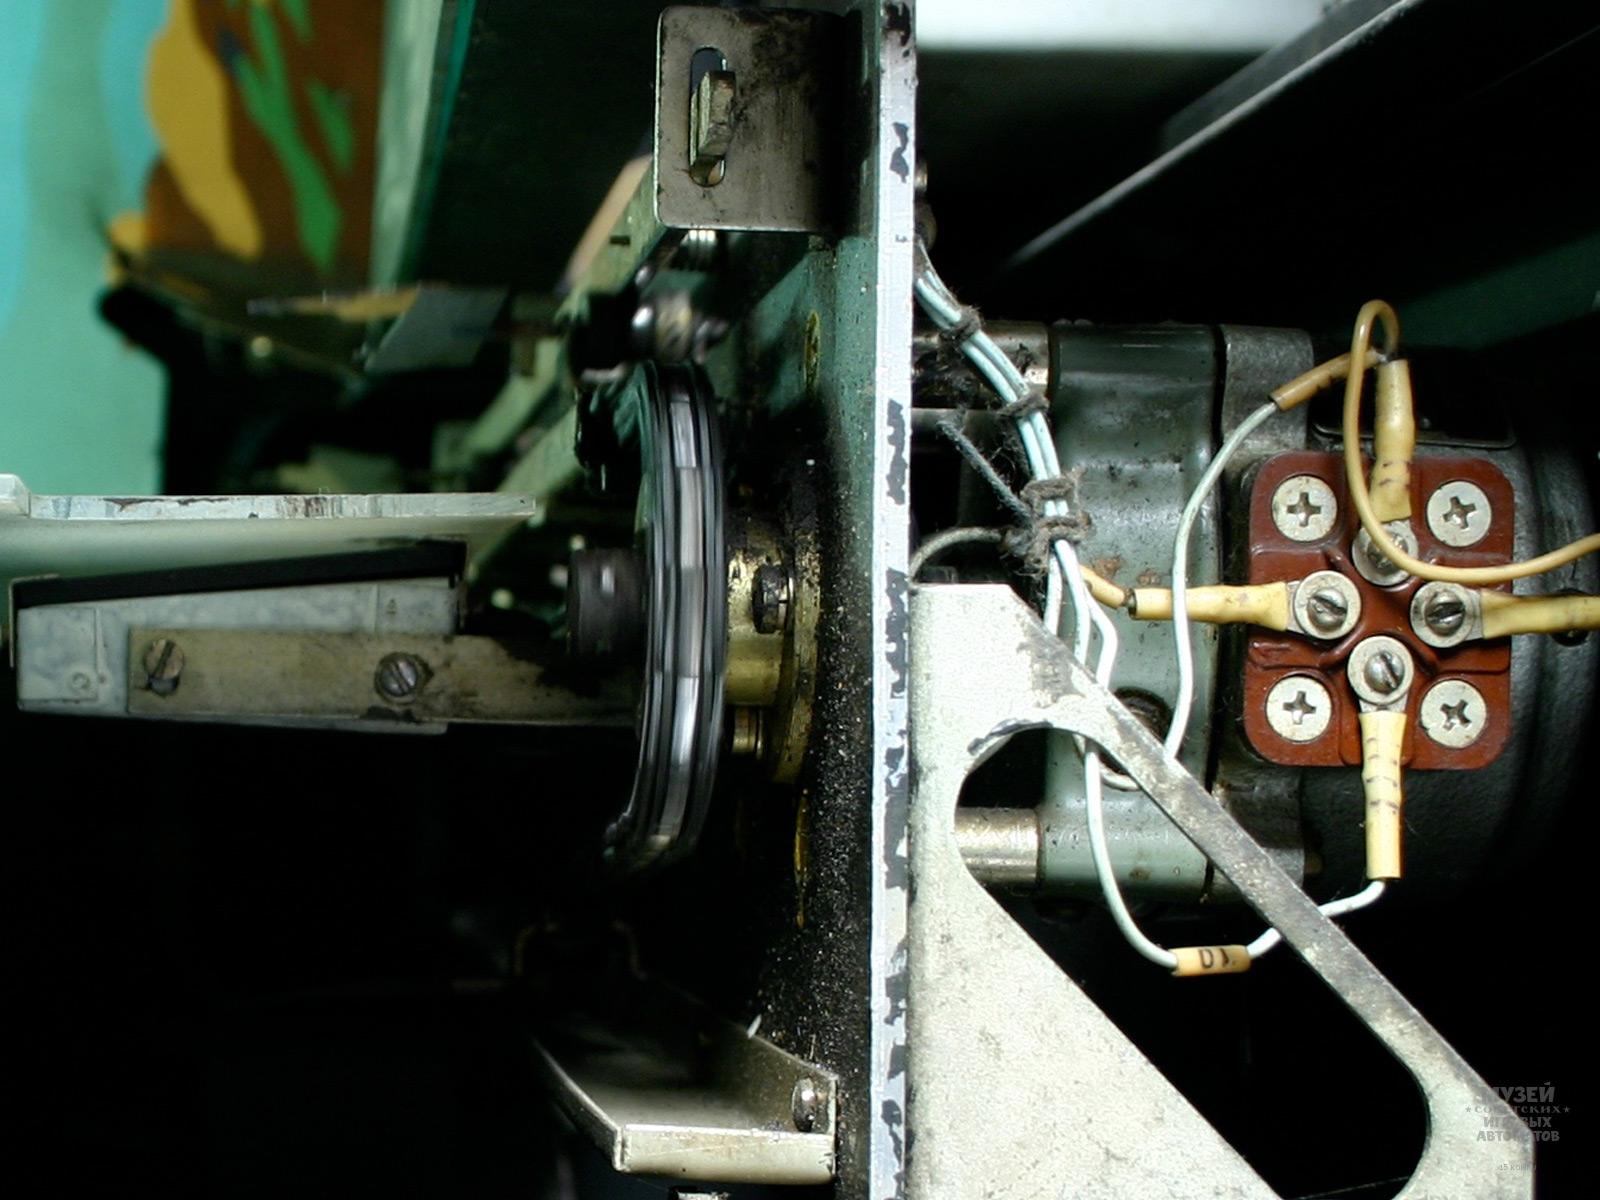 Игровые автоматы: откуда они взялись в СССР и как устроены - 6